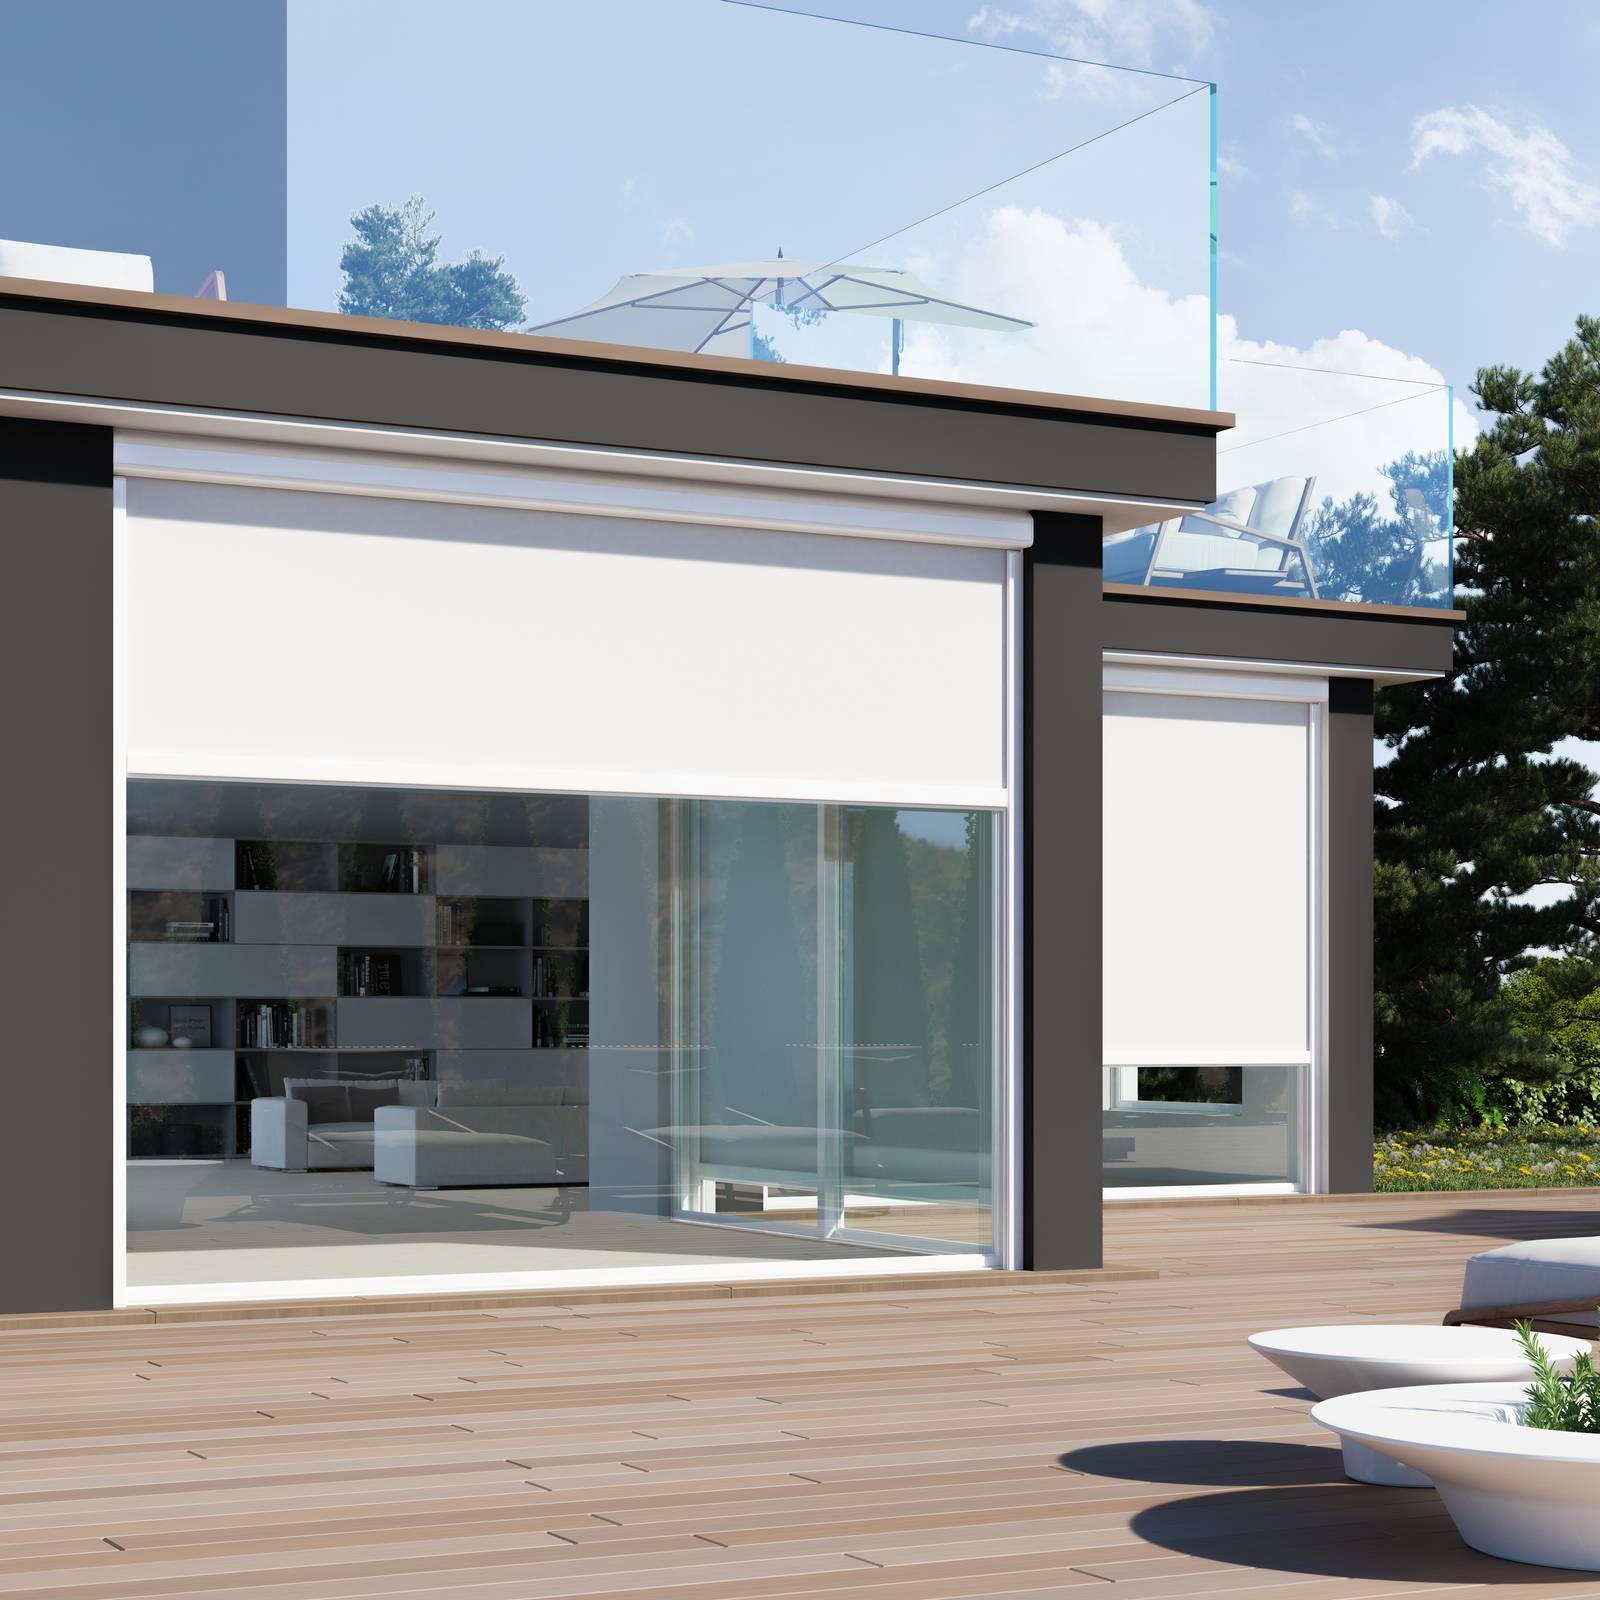 Opportunamente posizionate all'esterno, contribuiscono a diminuire la percentuale di calore solare trasmesso dai vetri, consentendo un considerevole risparmio energetico grazie alla. Tende A Rullo Mottura Soluzioni Outdoor D Eccellenza Cose Di Casa